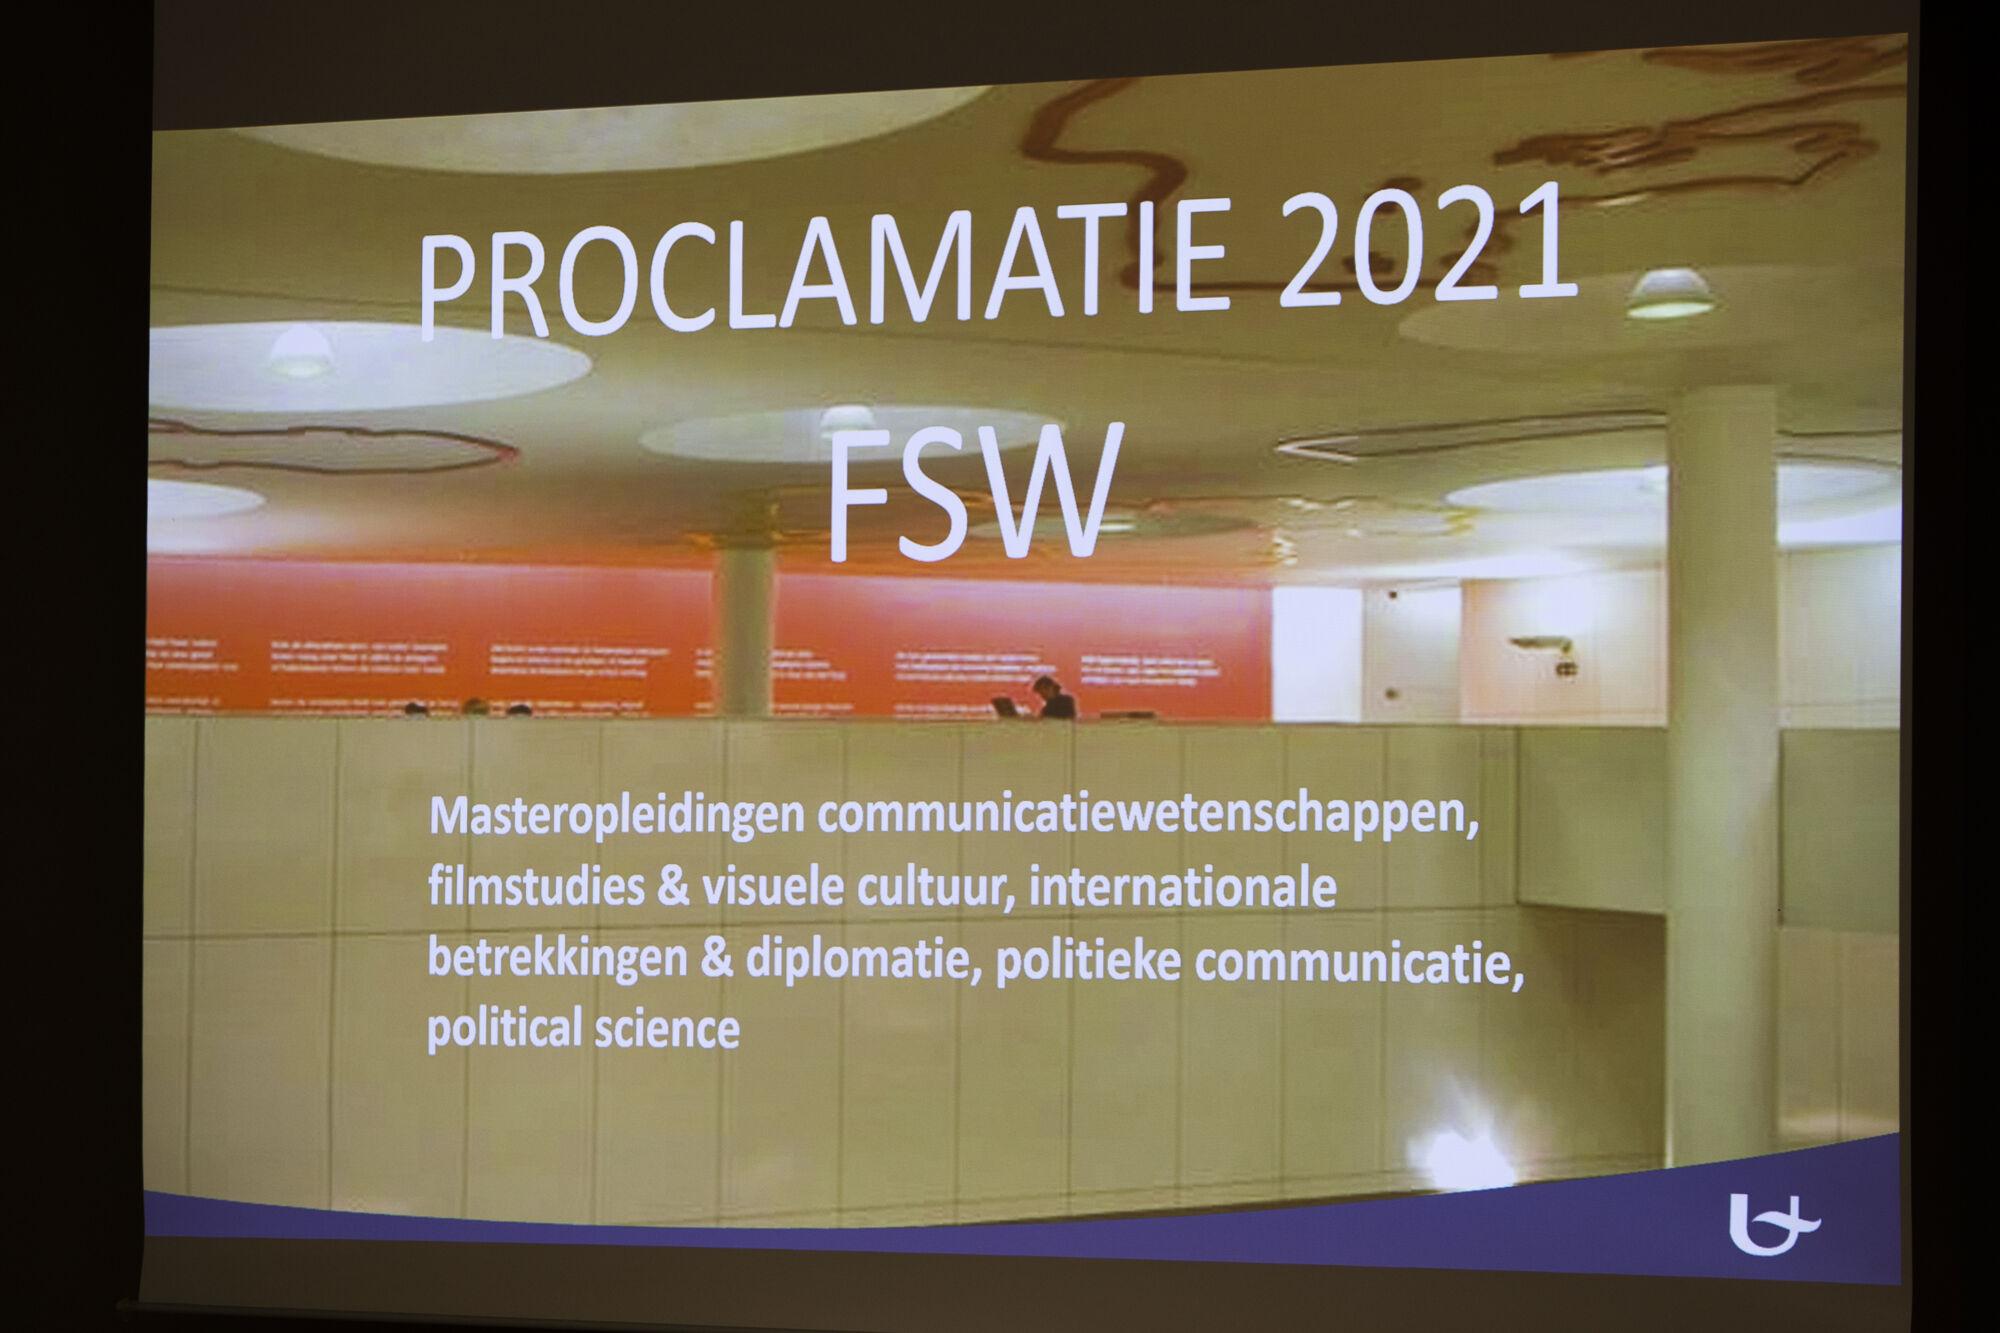 Proclamatie Faculteit Sociale Wetenschappen 2021 (deel 2)